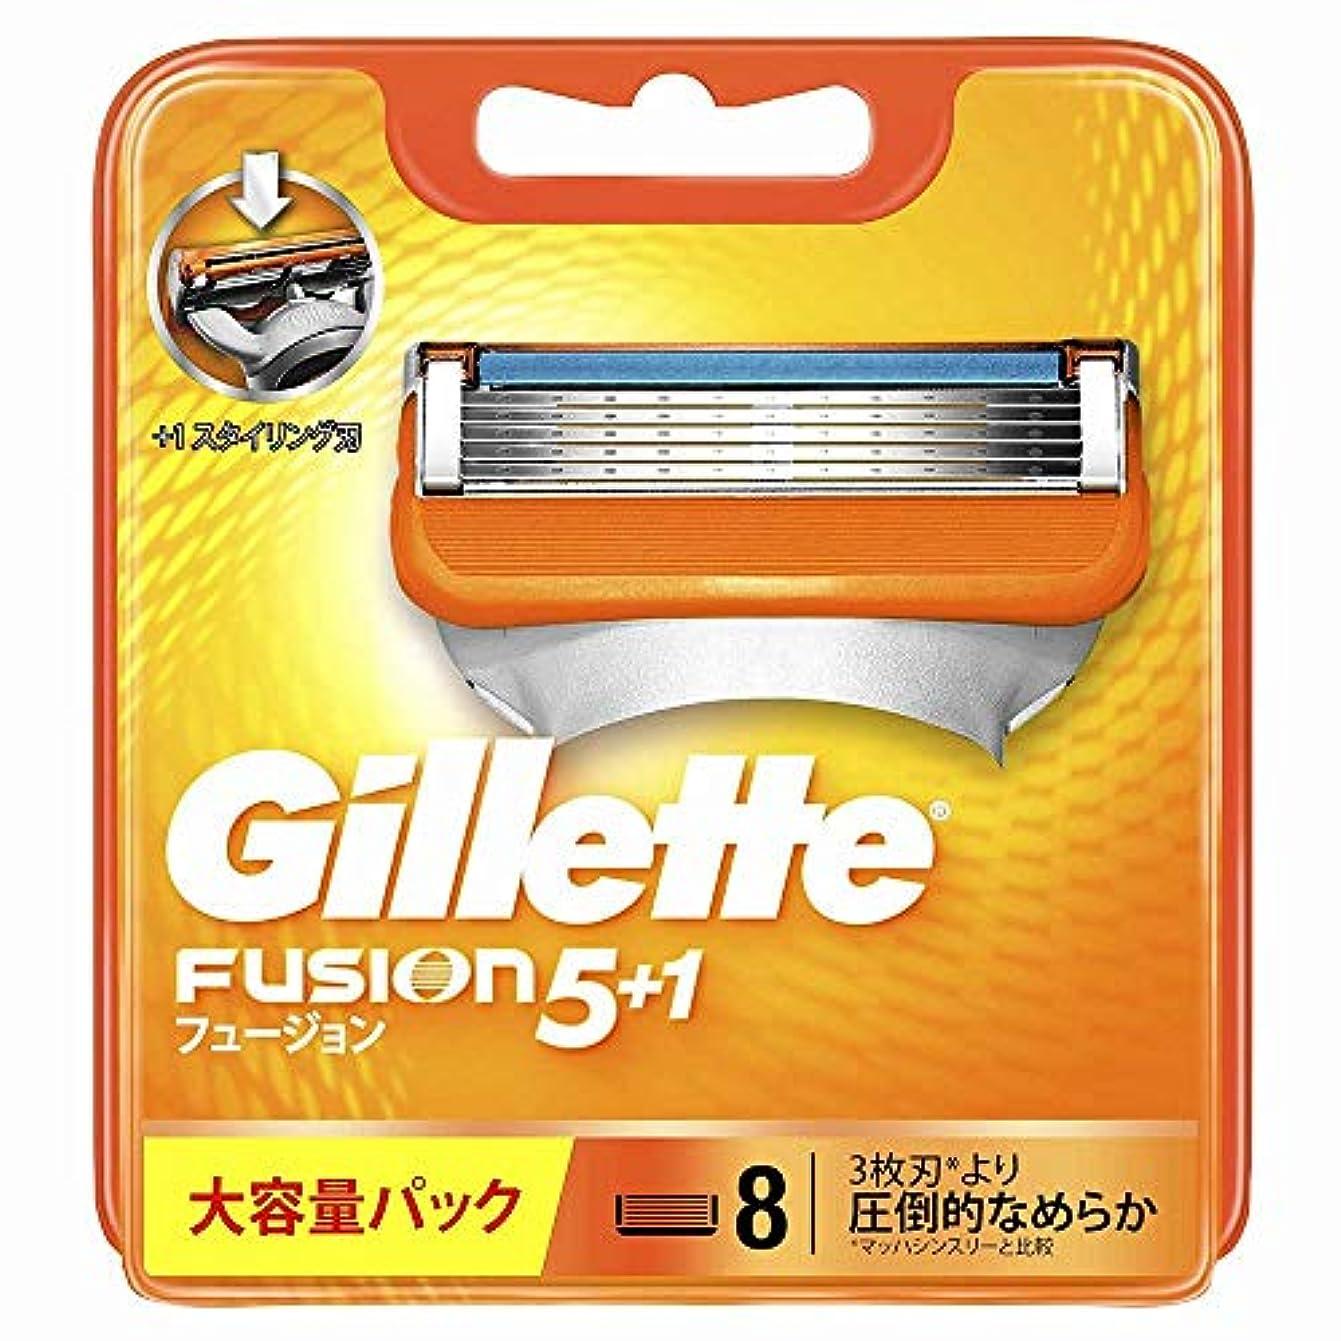 性能傷跡助言ジレット 髭剃り フュージョン5+1 替刃8個入